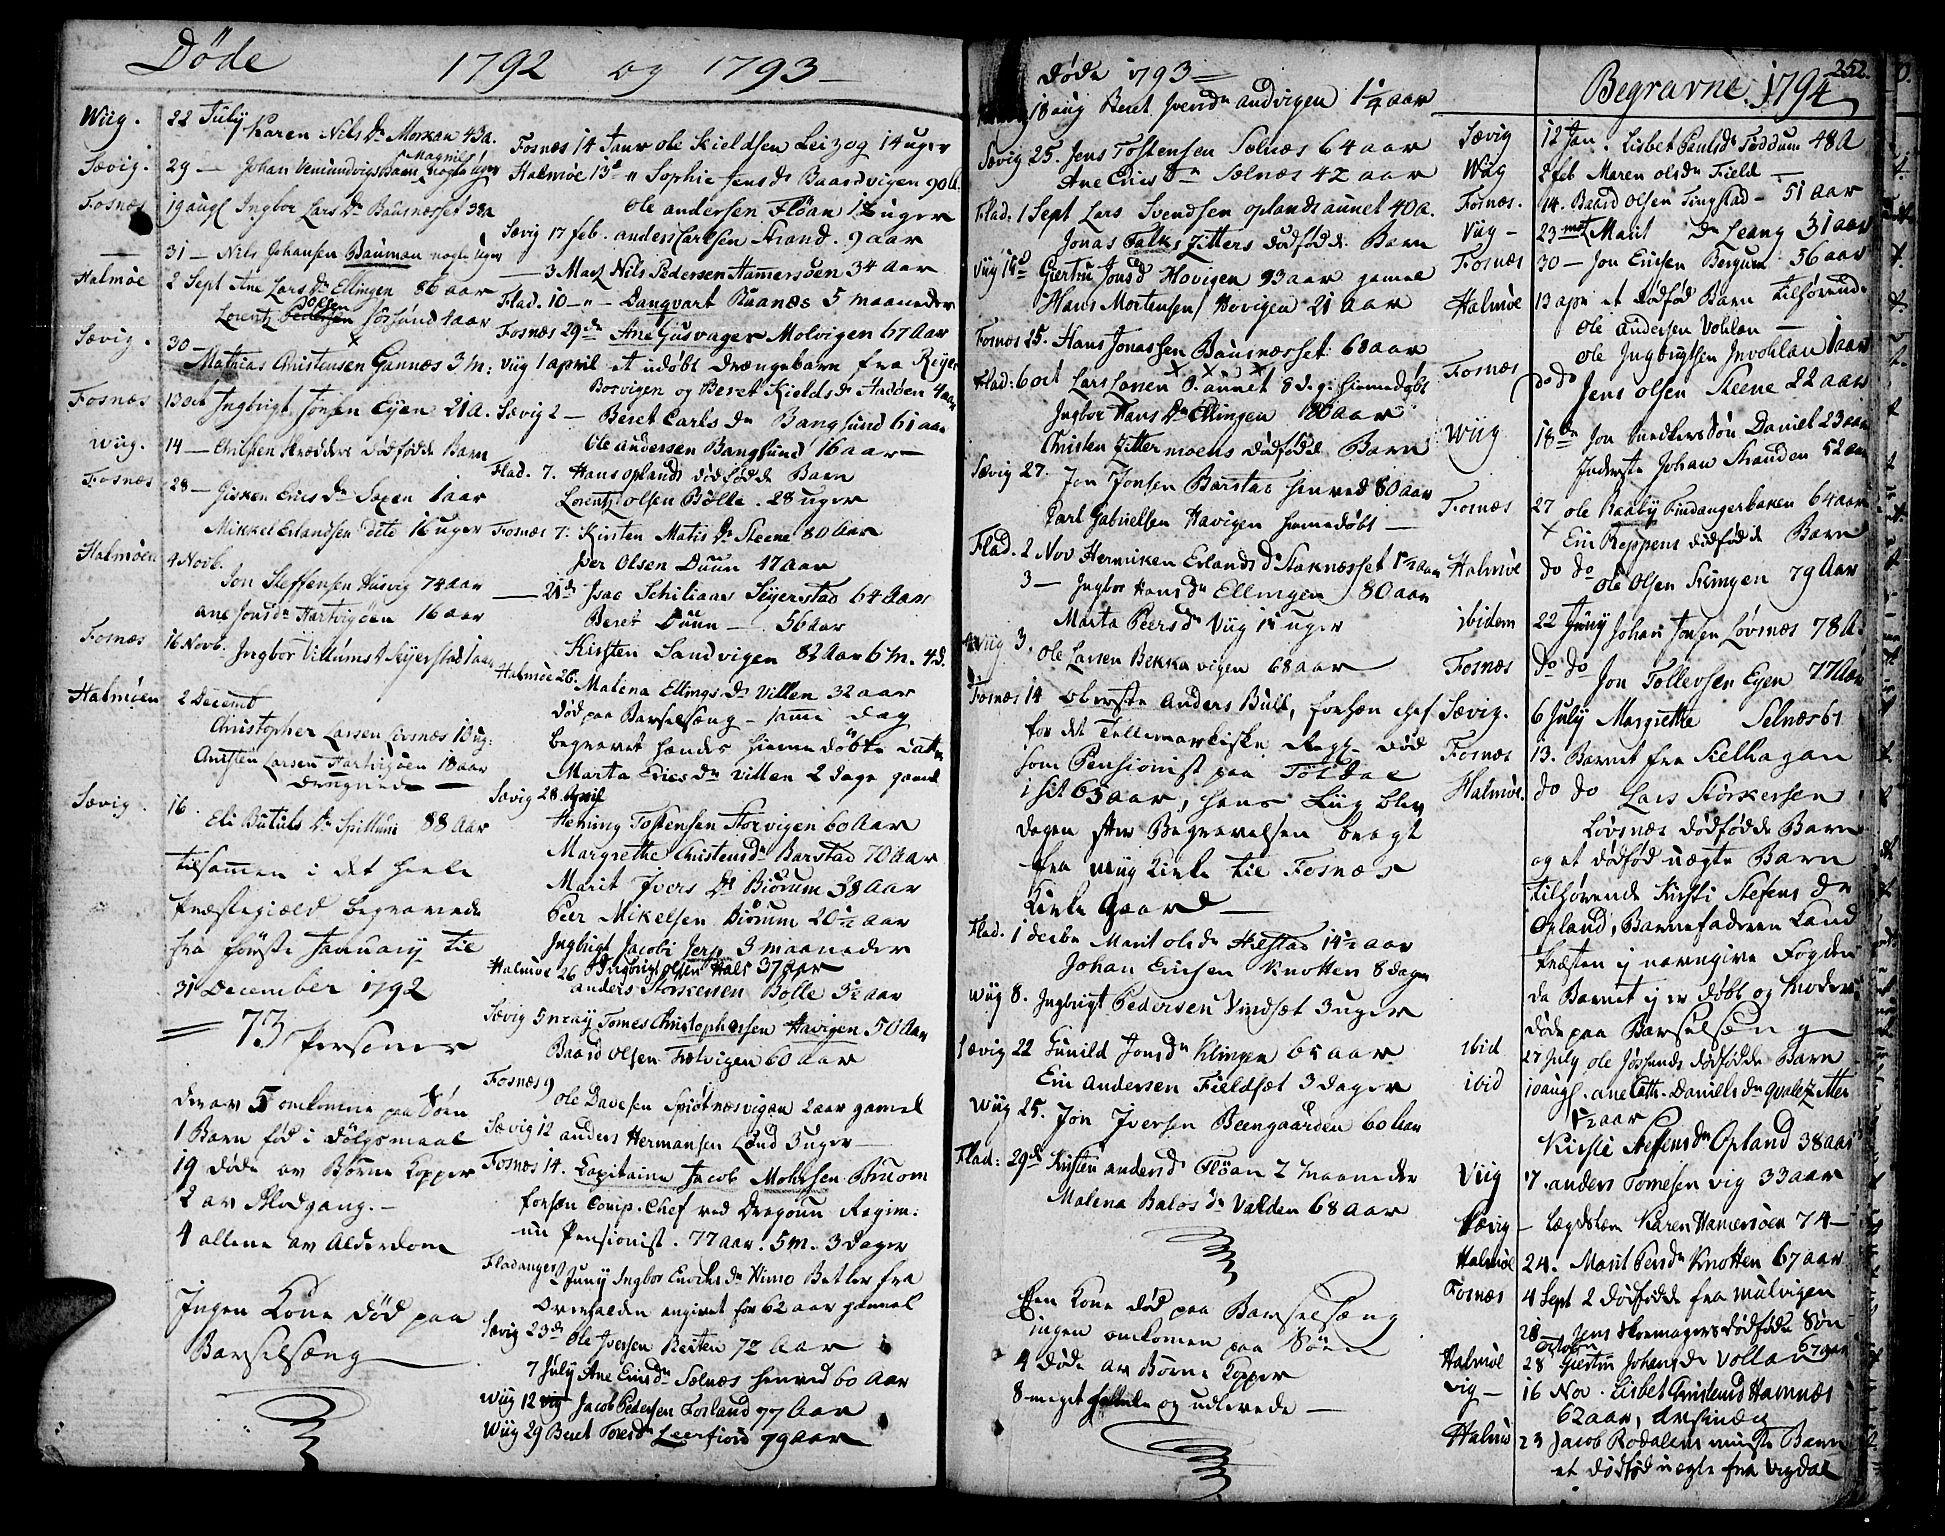 SAT, Ministerialprotokoller, klokkerbøker og fødselsregistre - Nord-Trøndelag, 773/L0608: Ministerialbok nr. 773A02, 1784-1816, s. 252